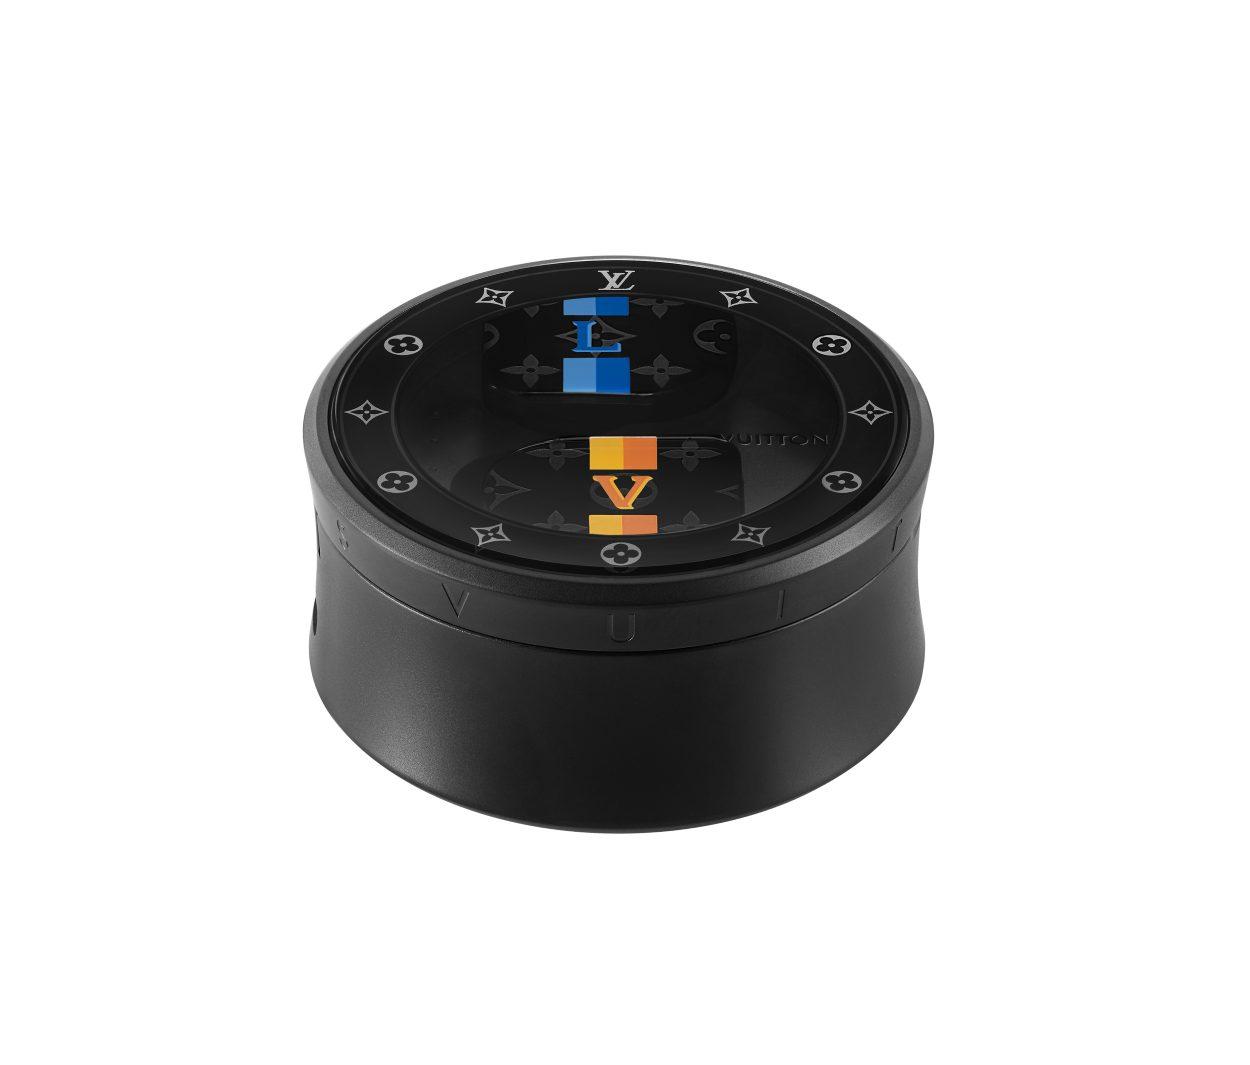 Louis Vuitton lance des écouteurs sans fil basés sur le modèle MW07 de Master & Dynamic